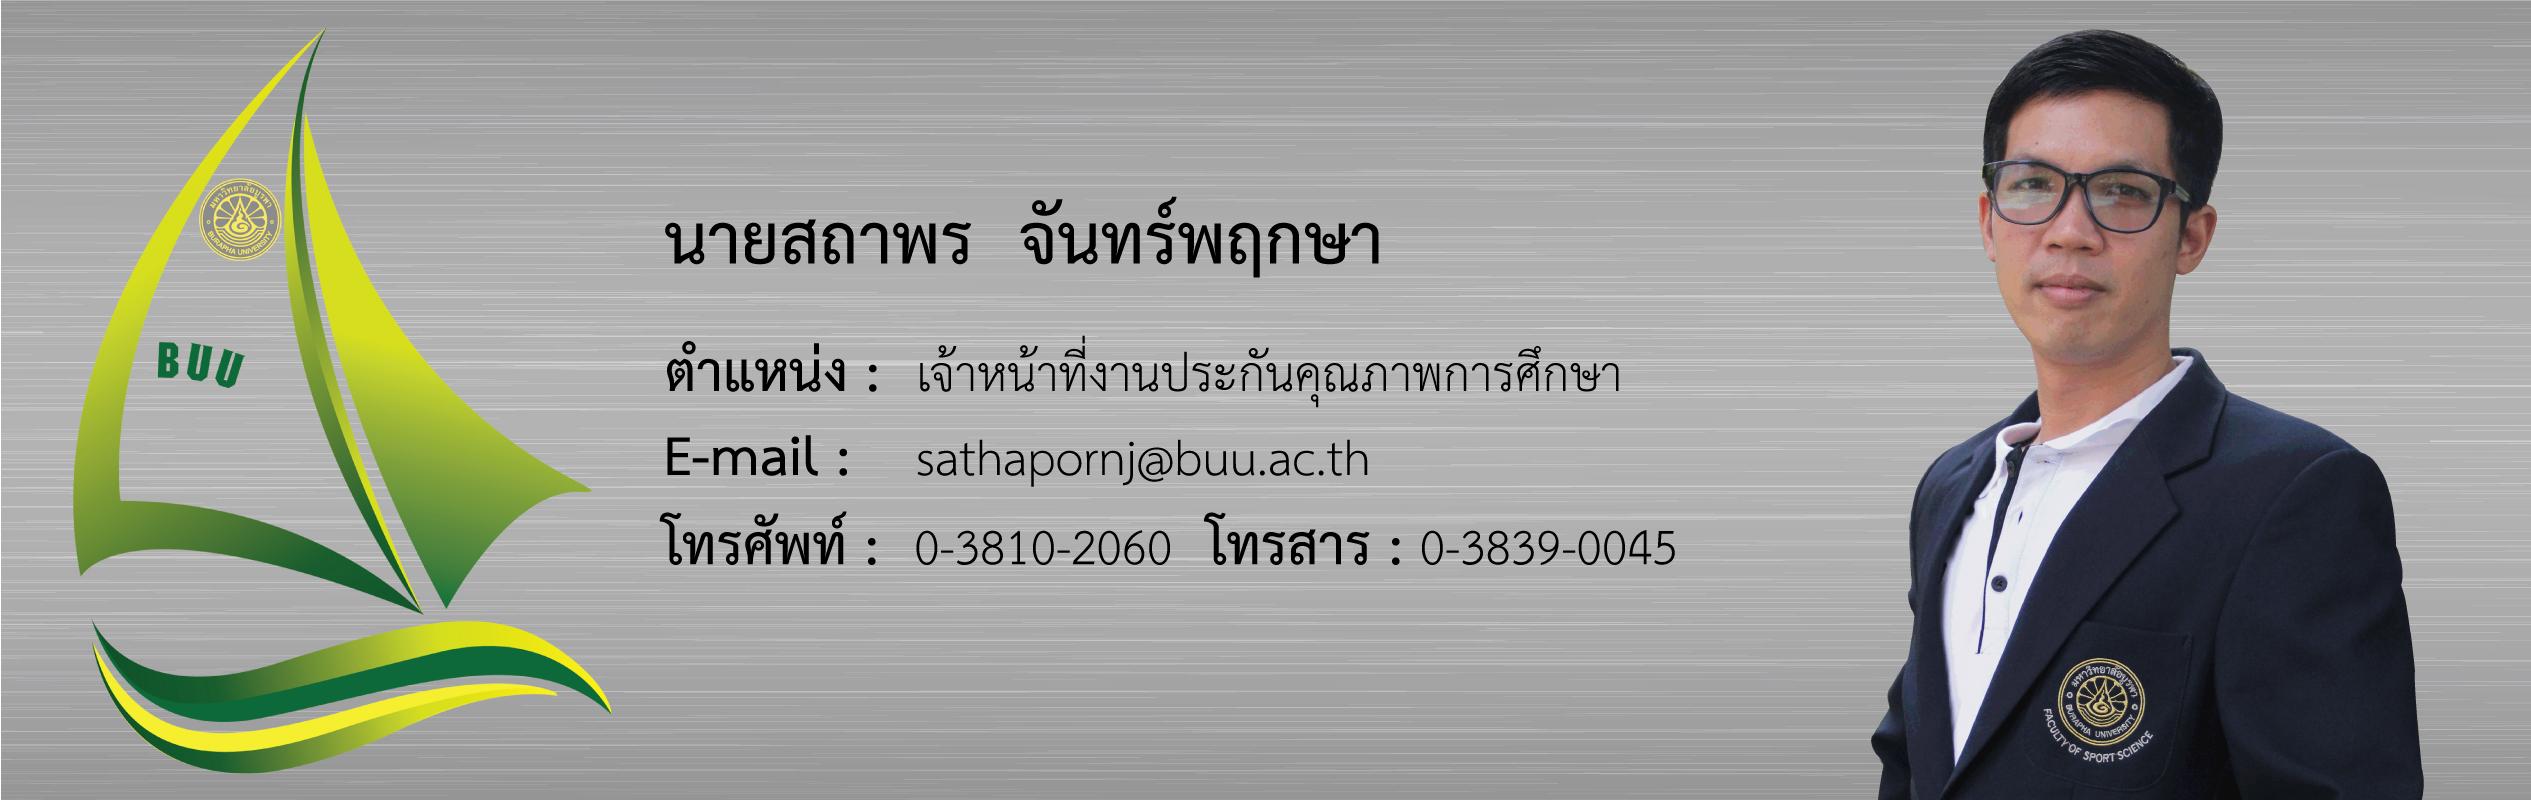 พี่โอห์ม-01